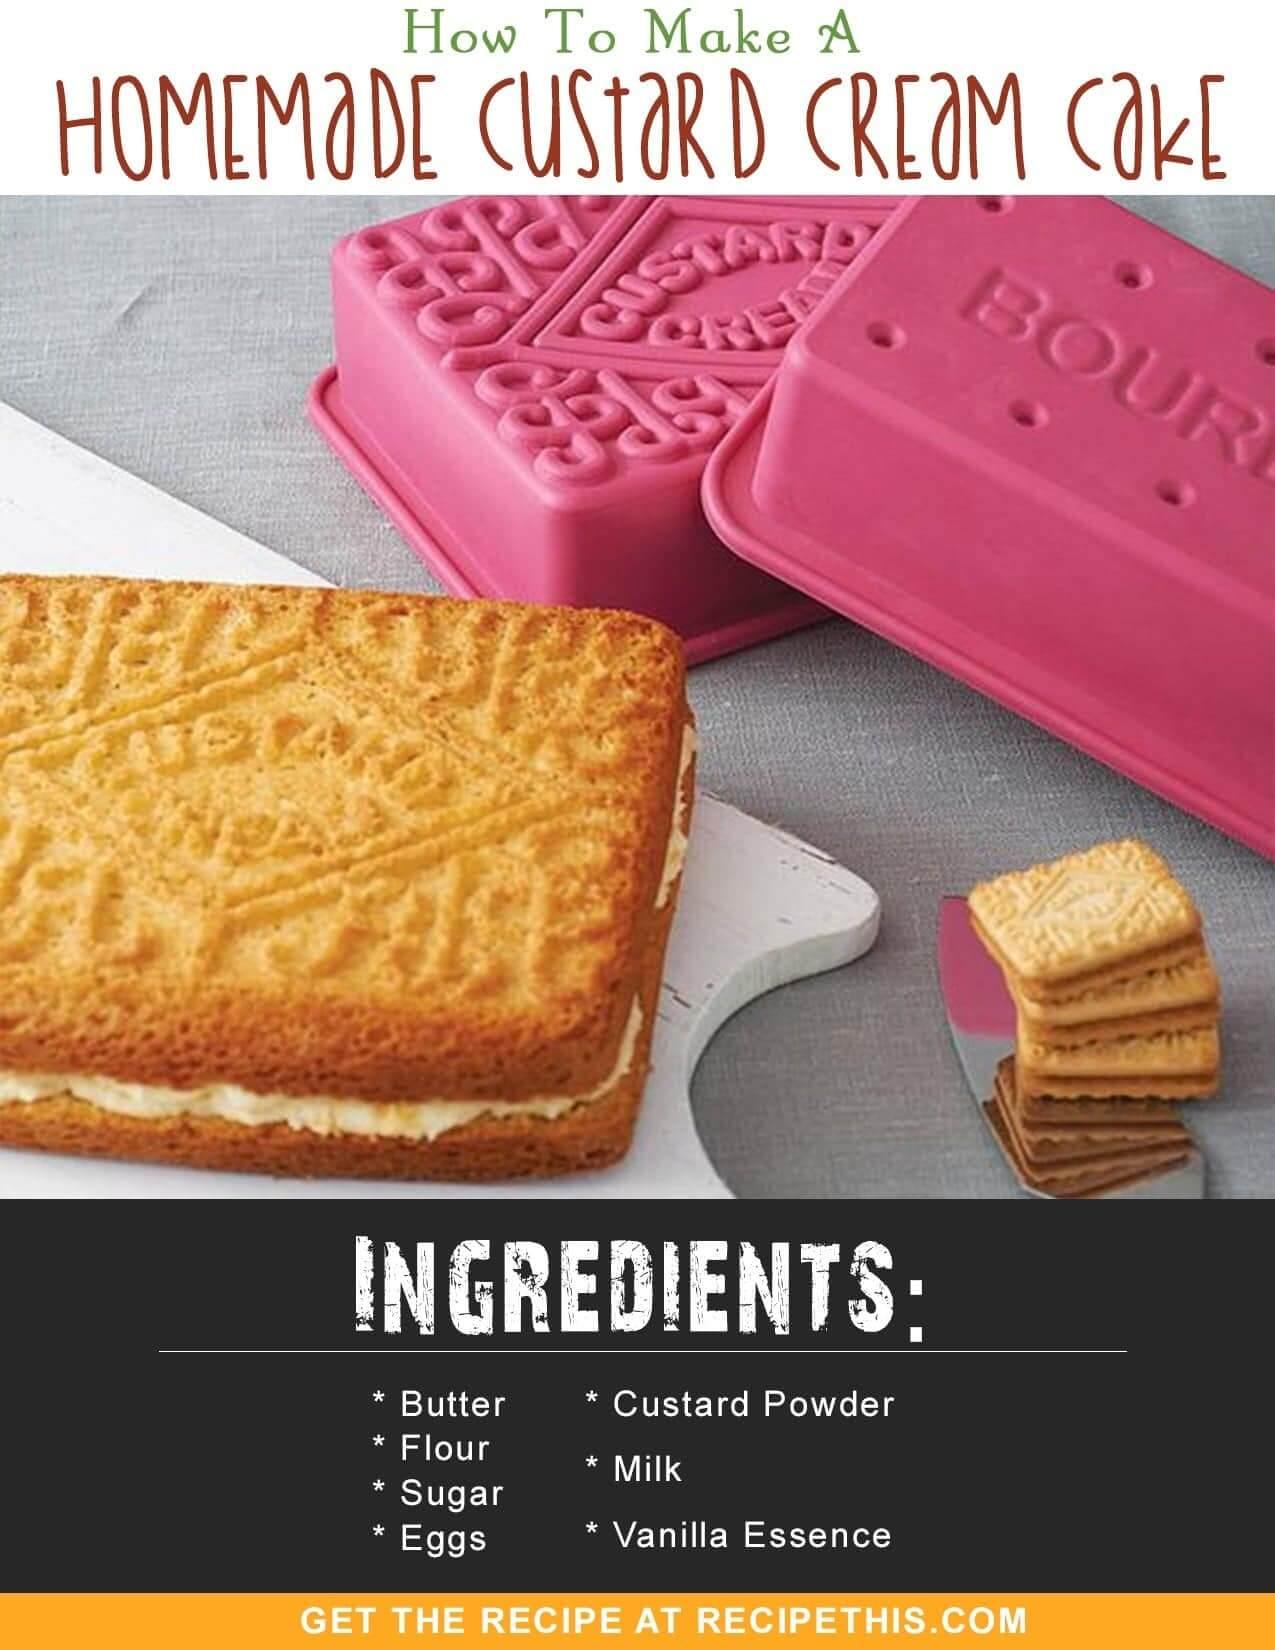 Marketplace   How To Make A Homemade Custard Cream Cake Recipe from RecipeThis.com